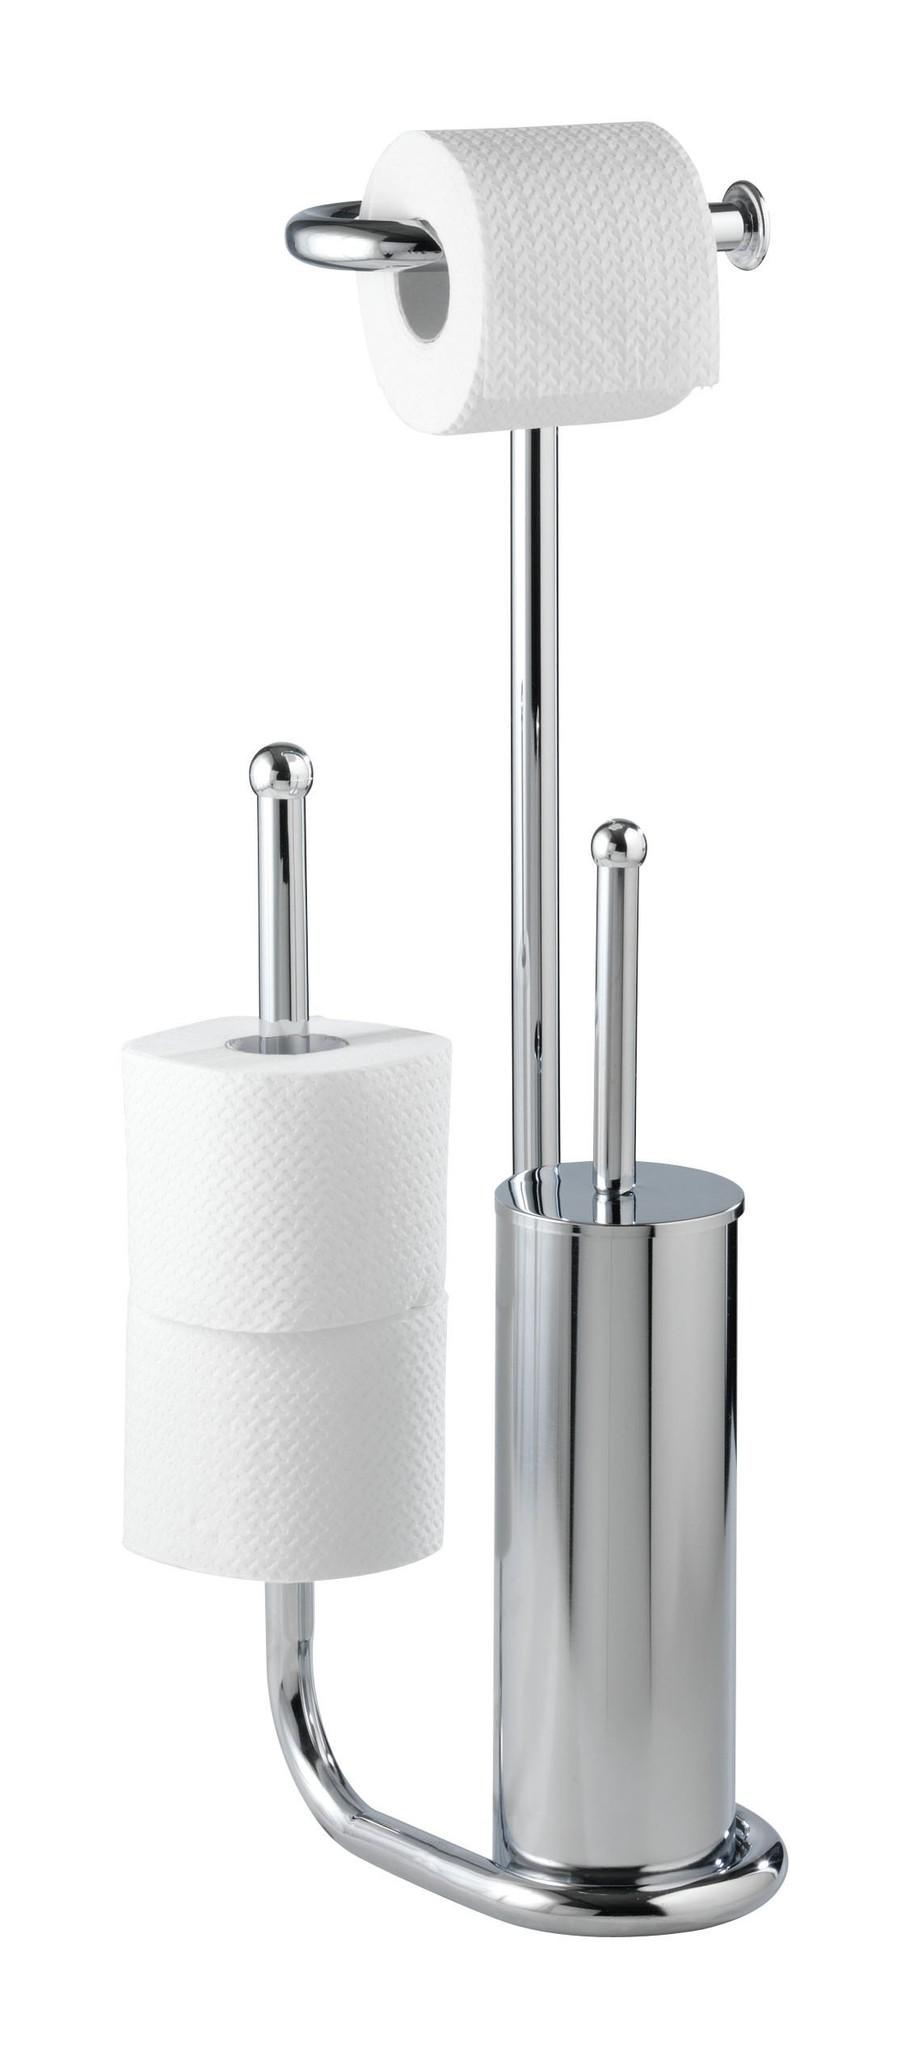 Stand WC-Garnitur Universalo Chrom, mit Ersatzrollenhalter